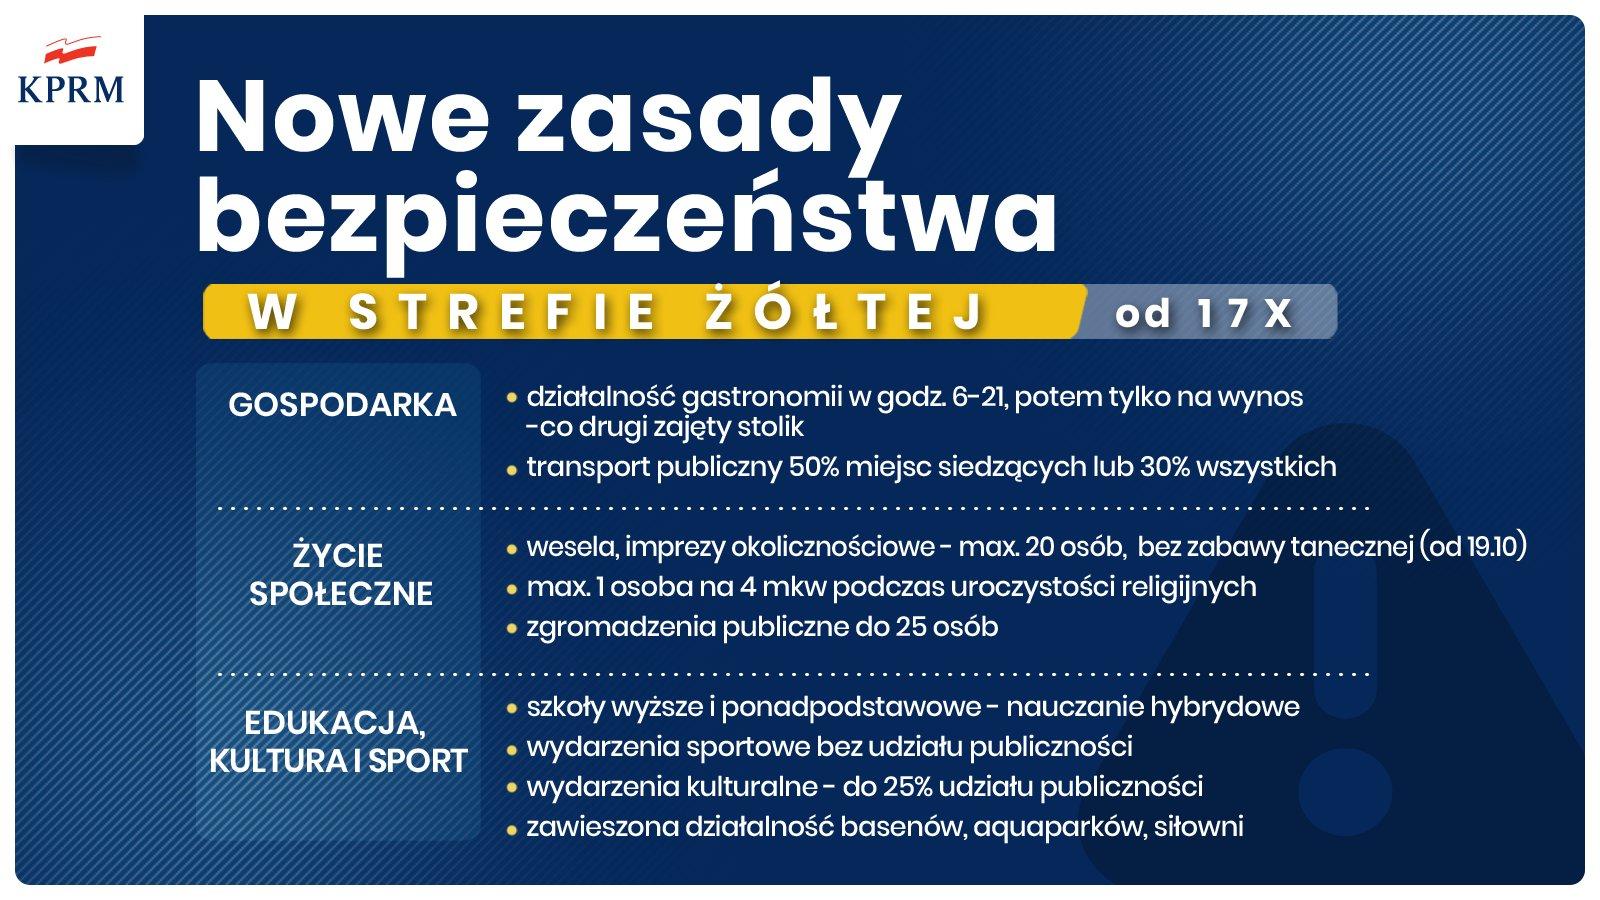 20201015 191257 Nowe zasady bezpieczeństwa w walce z SARS Cov2